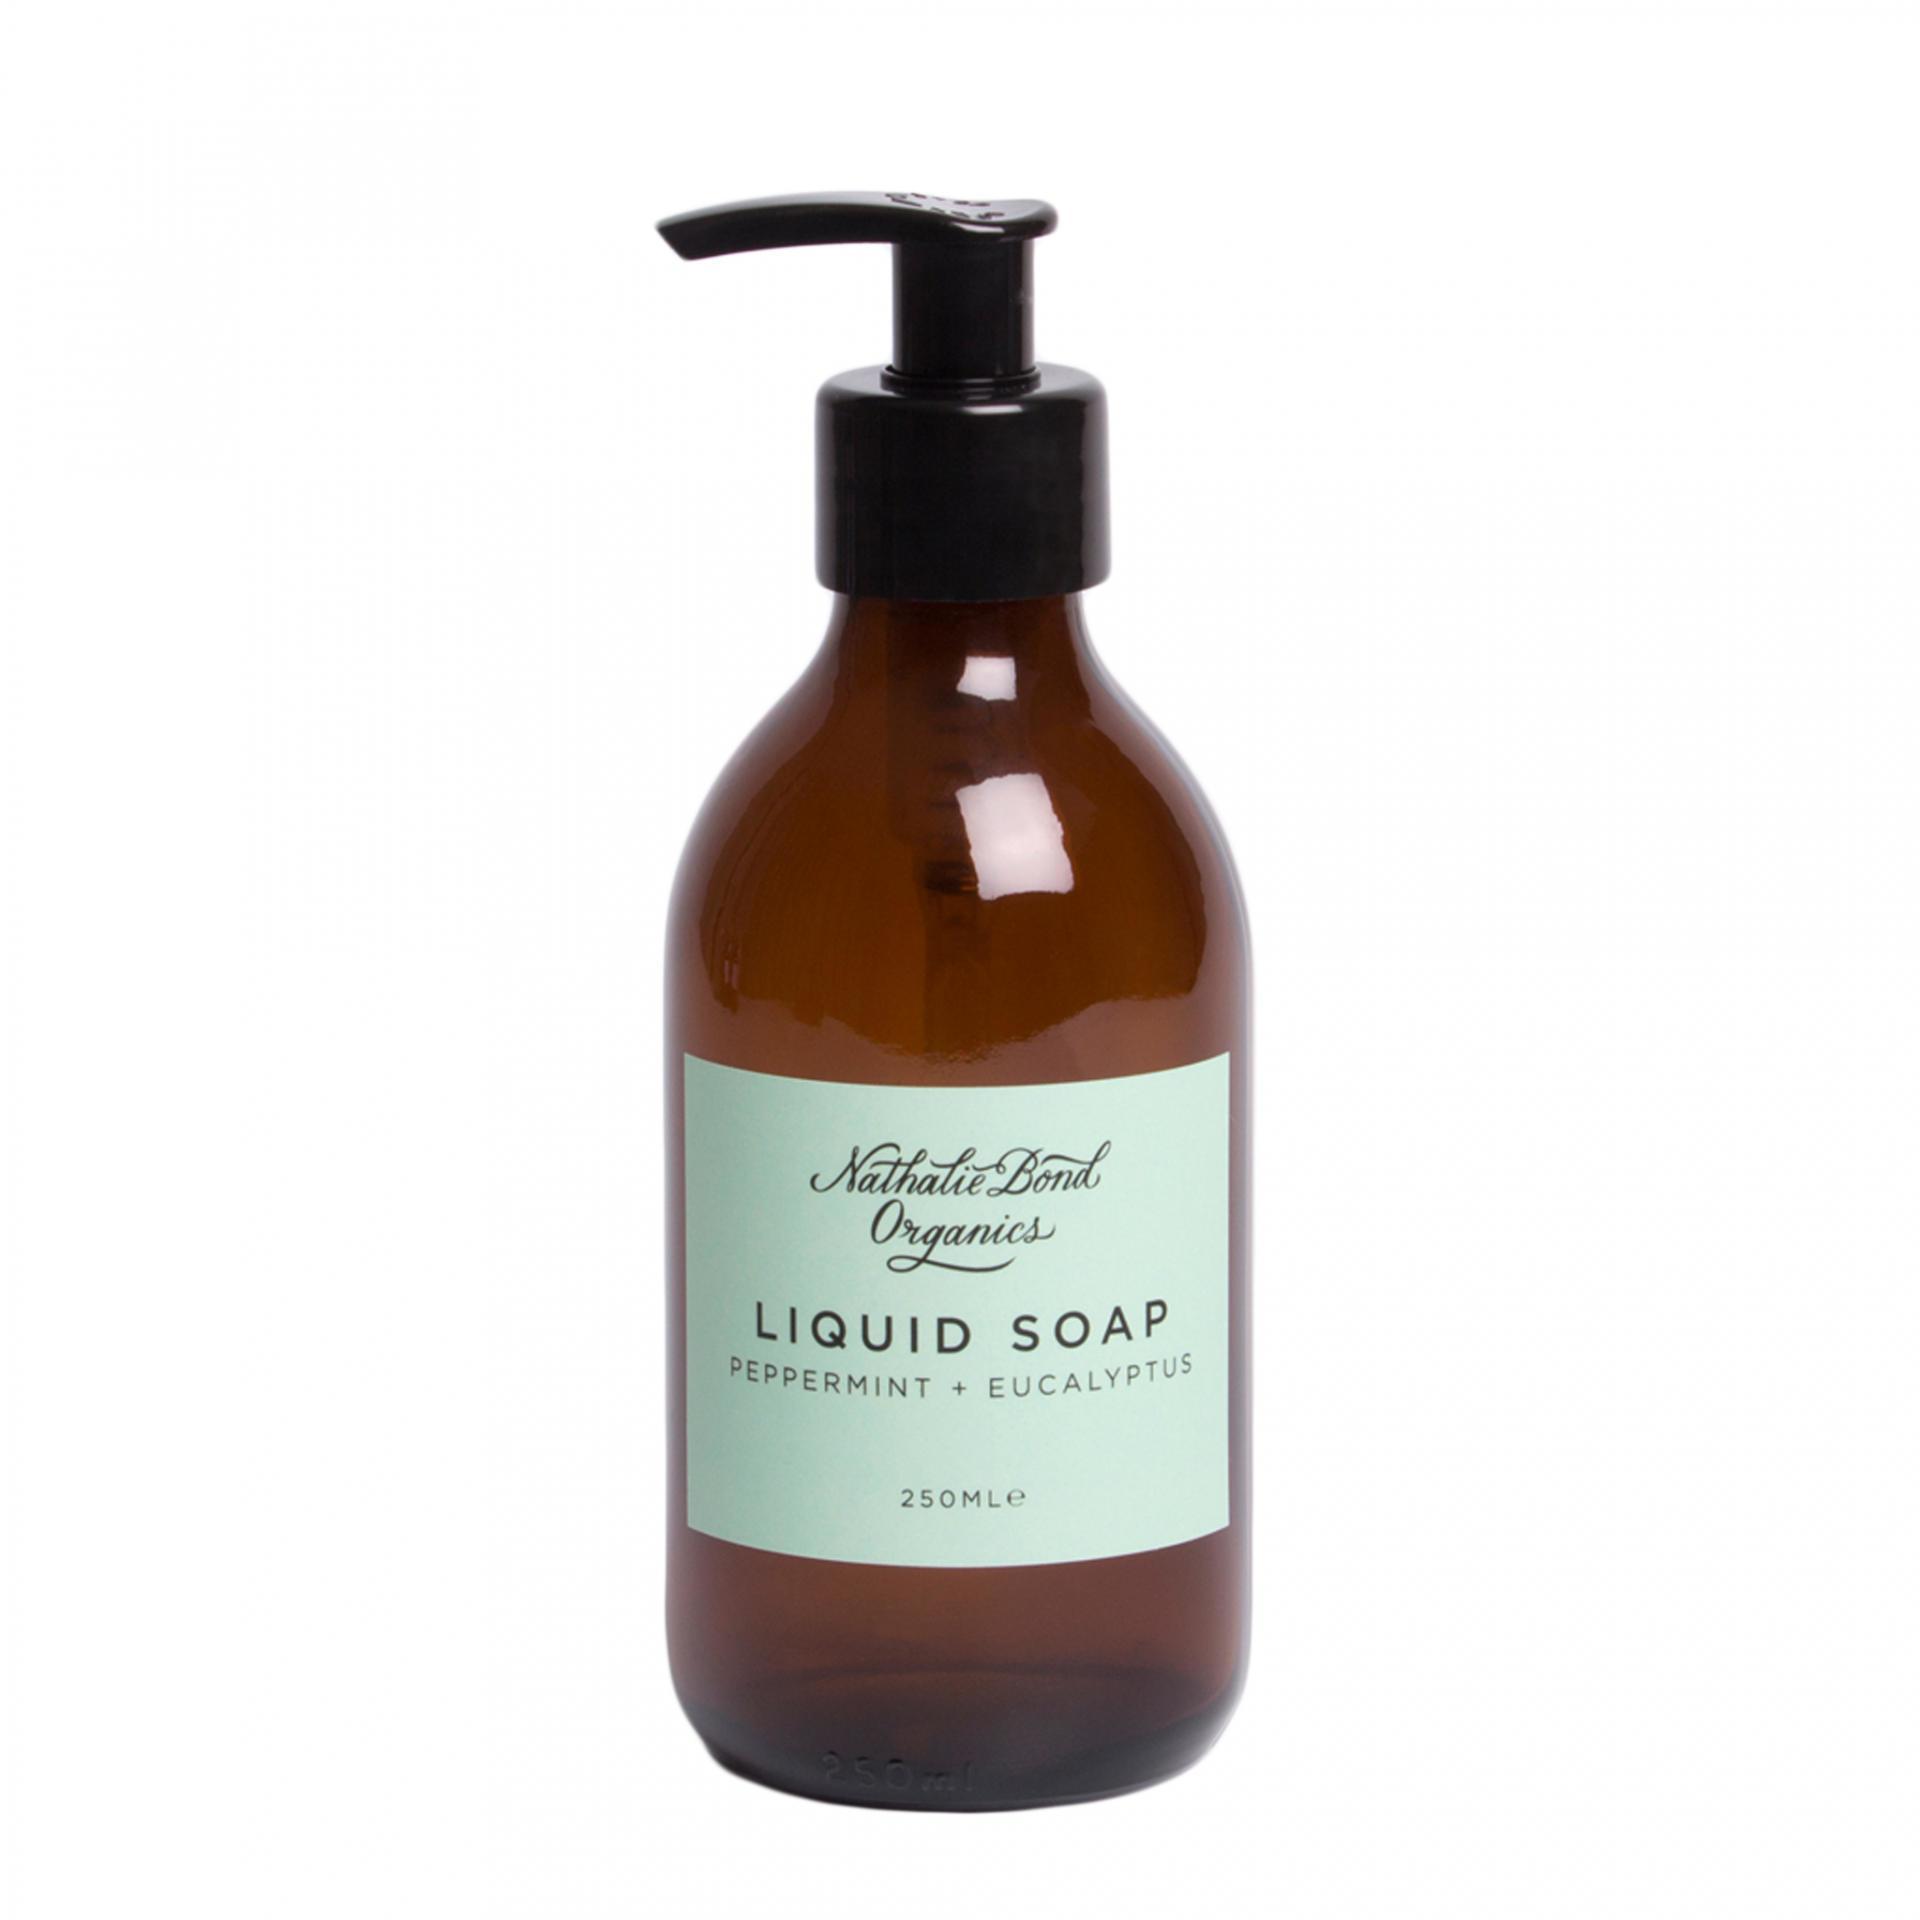 Nathalie Bond Univerzální tekuté mýdlo Peppermint + Eucalyptus 250 ml, zelená barva, hnědá barva, sklo, papír